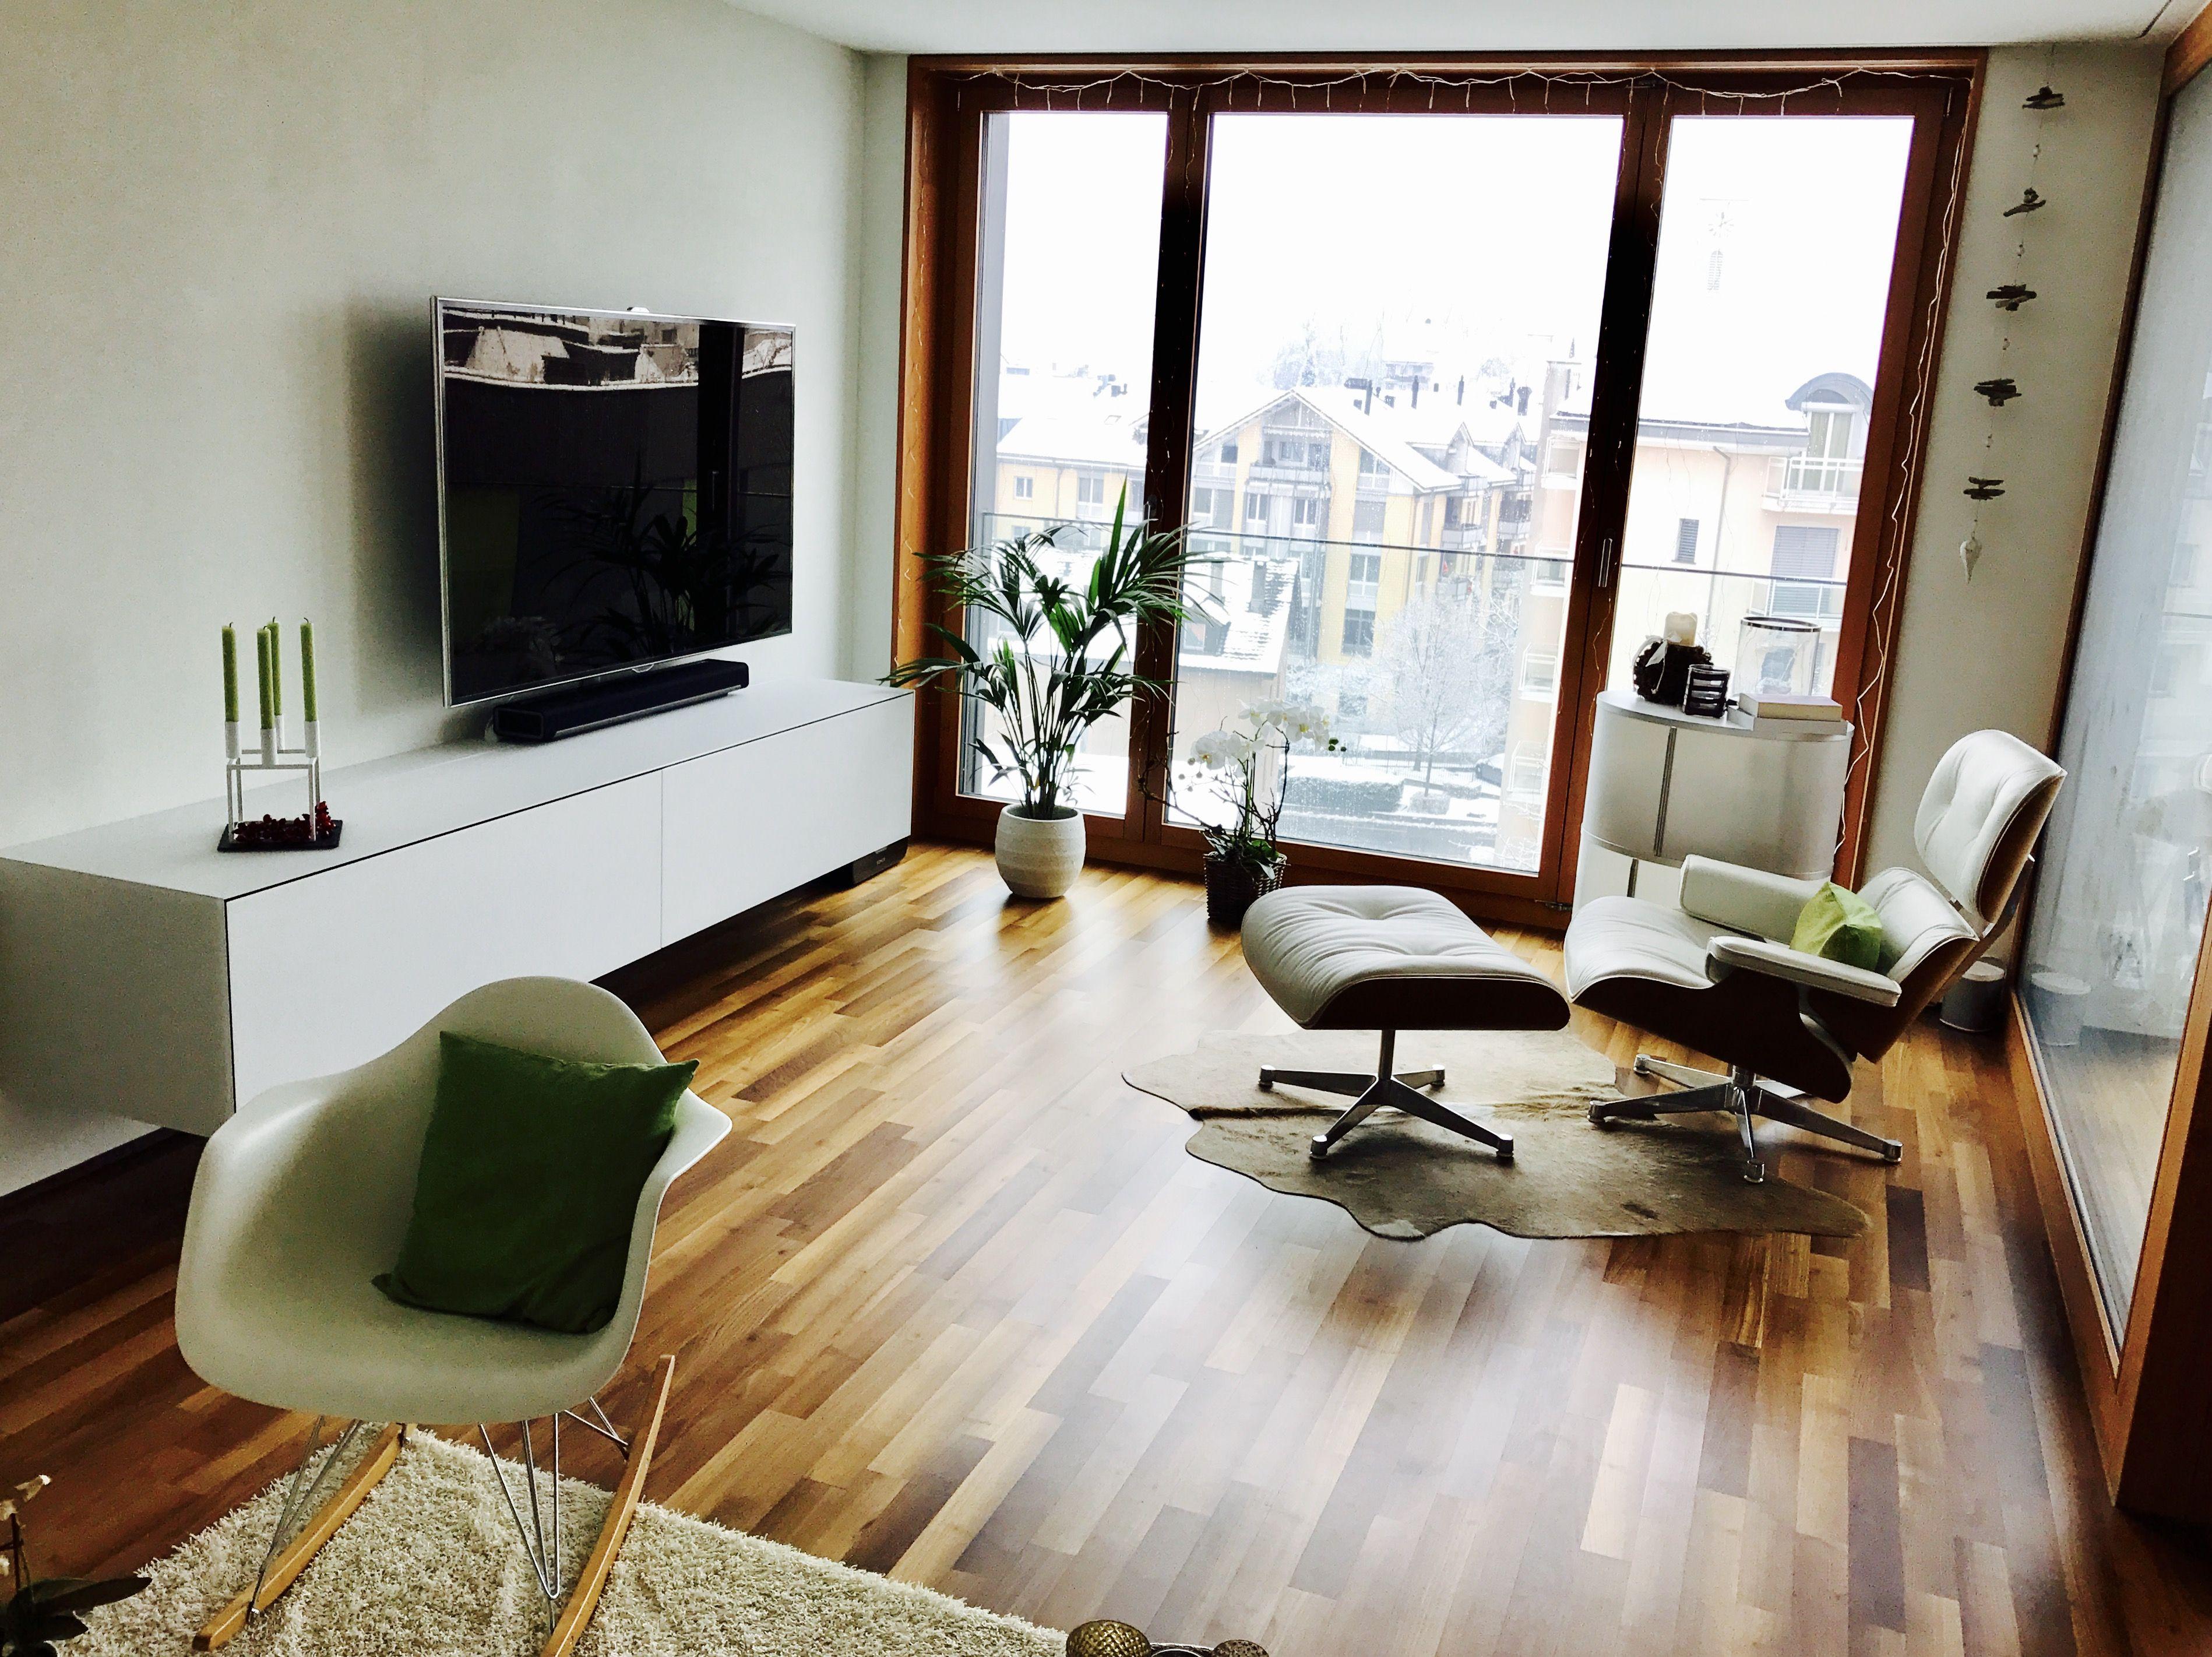 Eames Lounge Chair Wogg Spectral ByLassen | räume | Pinterest ...